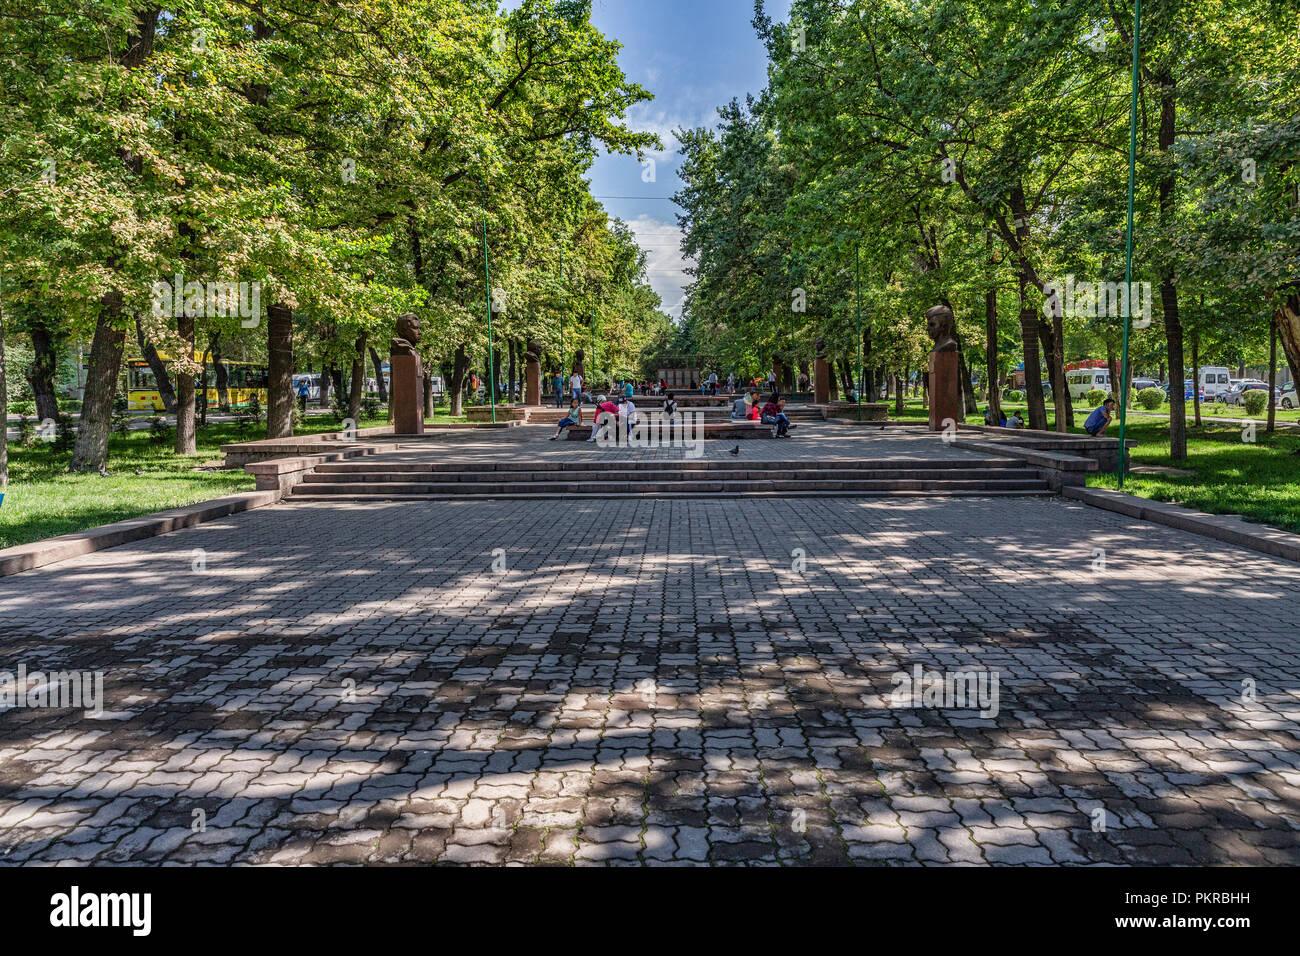 Images of parks in Bishkek, the wonderful, walkable capital of Kyrgyzstan. - Stock Image